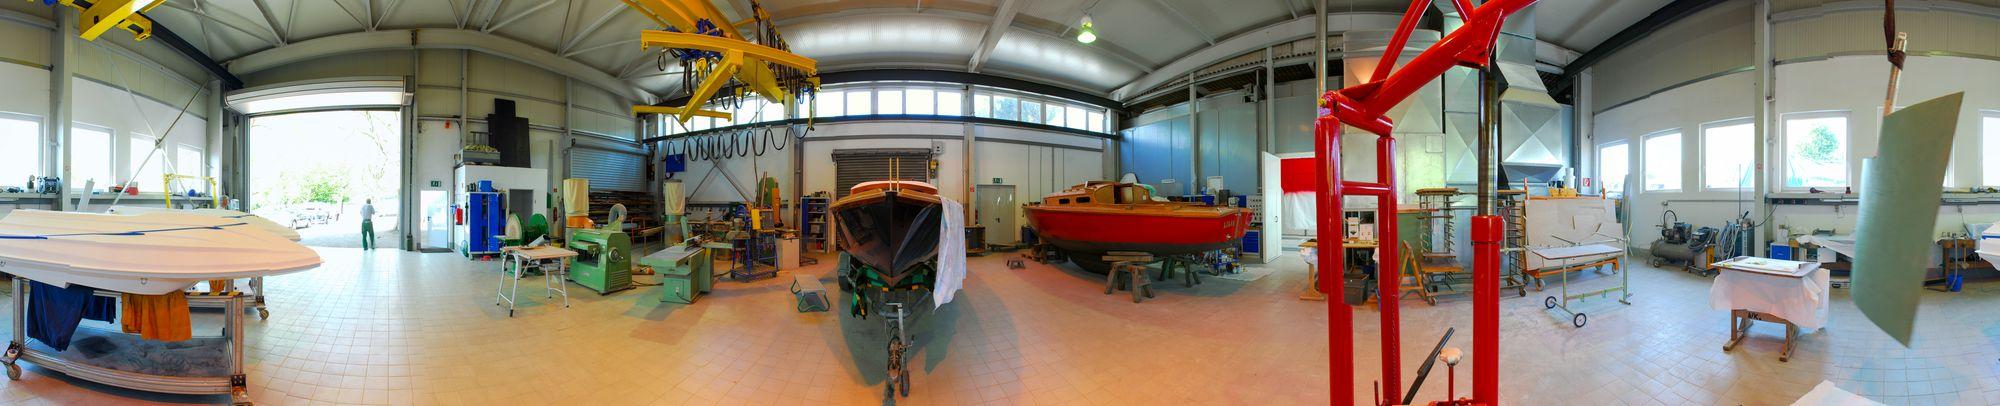 Panorama Bootswerft Baumgart Dortmund